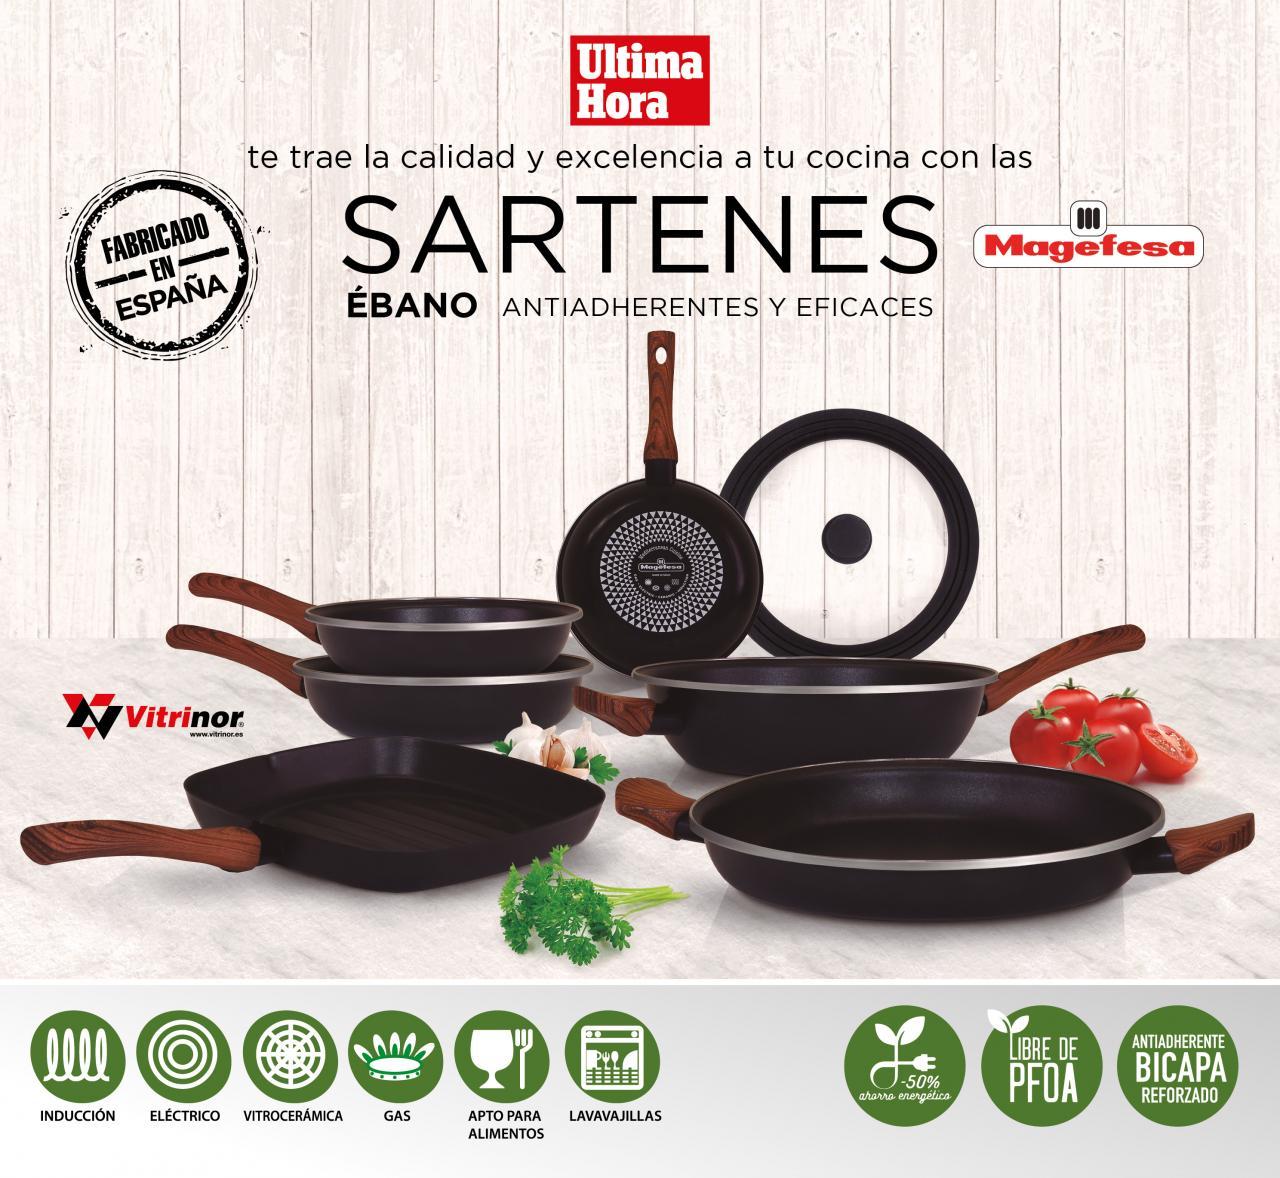 Colección de sartenes Magefesa